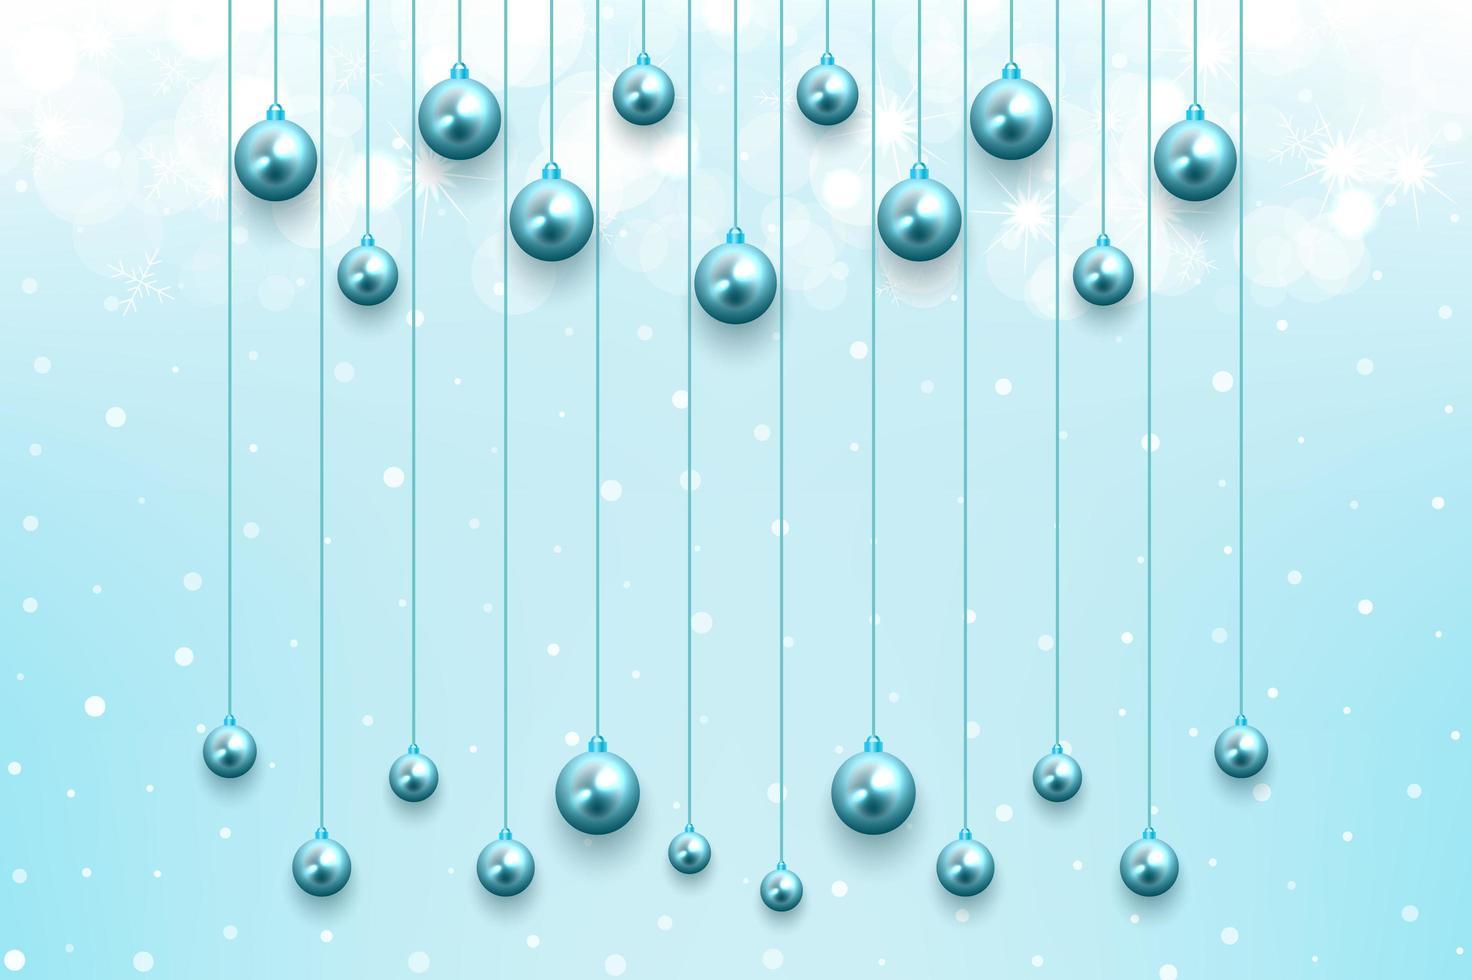 fundo de celebração de natal com enfeites azuis brilhantes pendurados vetor